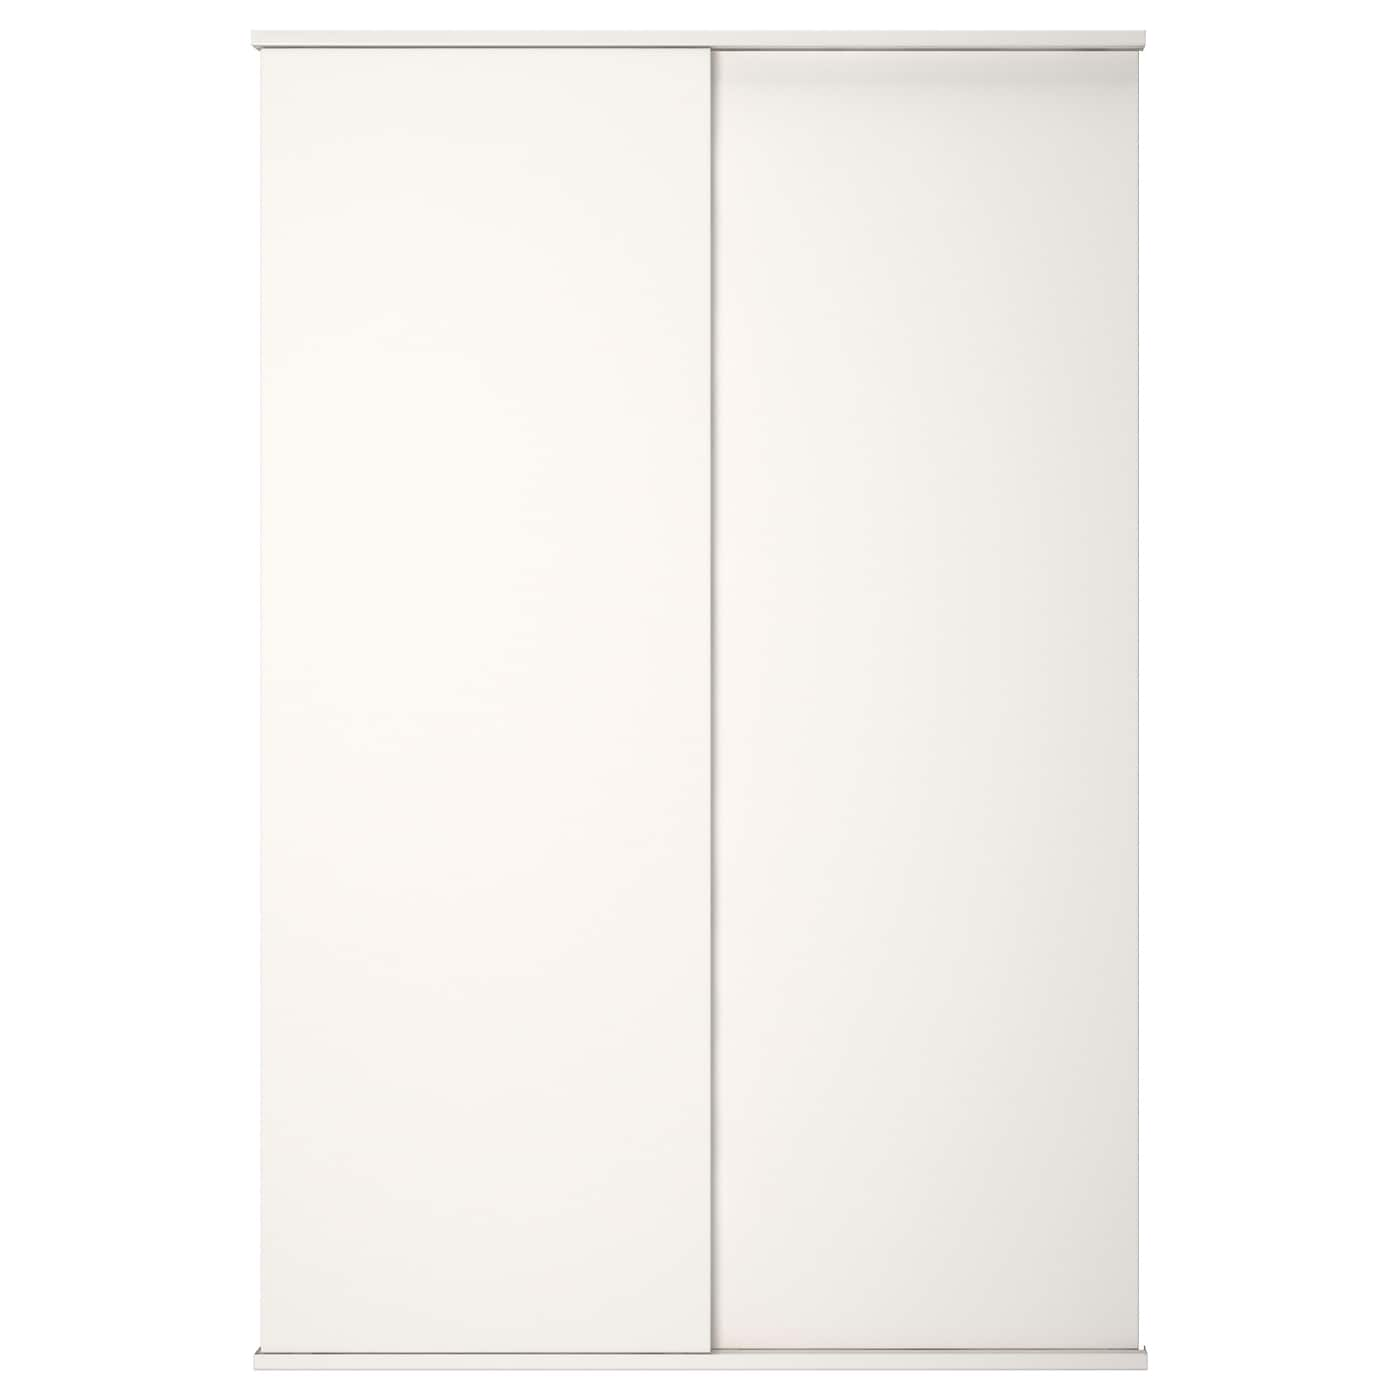 Fonnes puerta corredera con riel blanco 120 x 180 cm ikea - Puerta corredera 120 cm ...